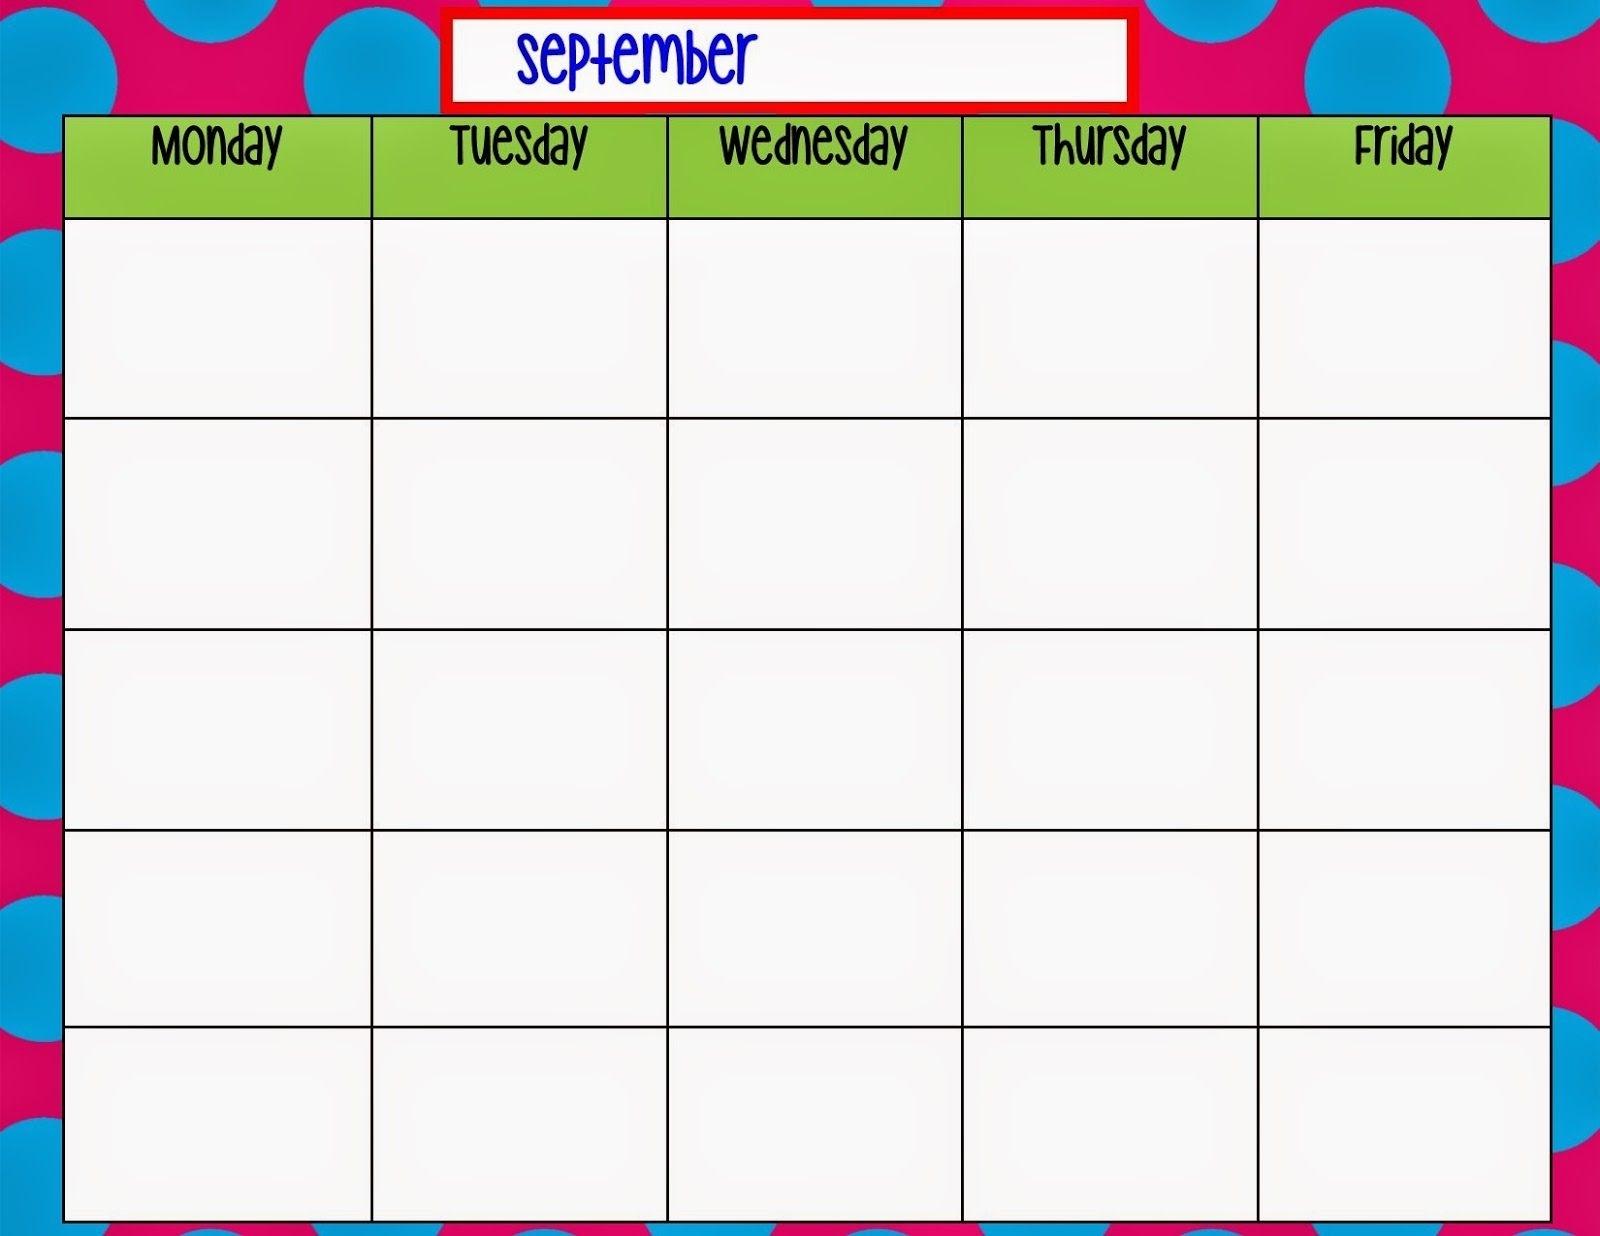 Monday Through Friday Calendar Template | Preschool | Weekly throughout Printable Monday Through Friday Calendar